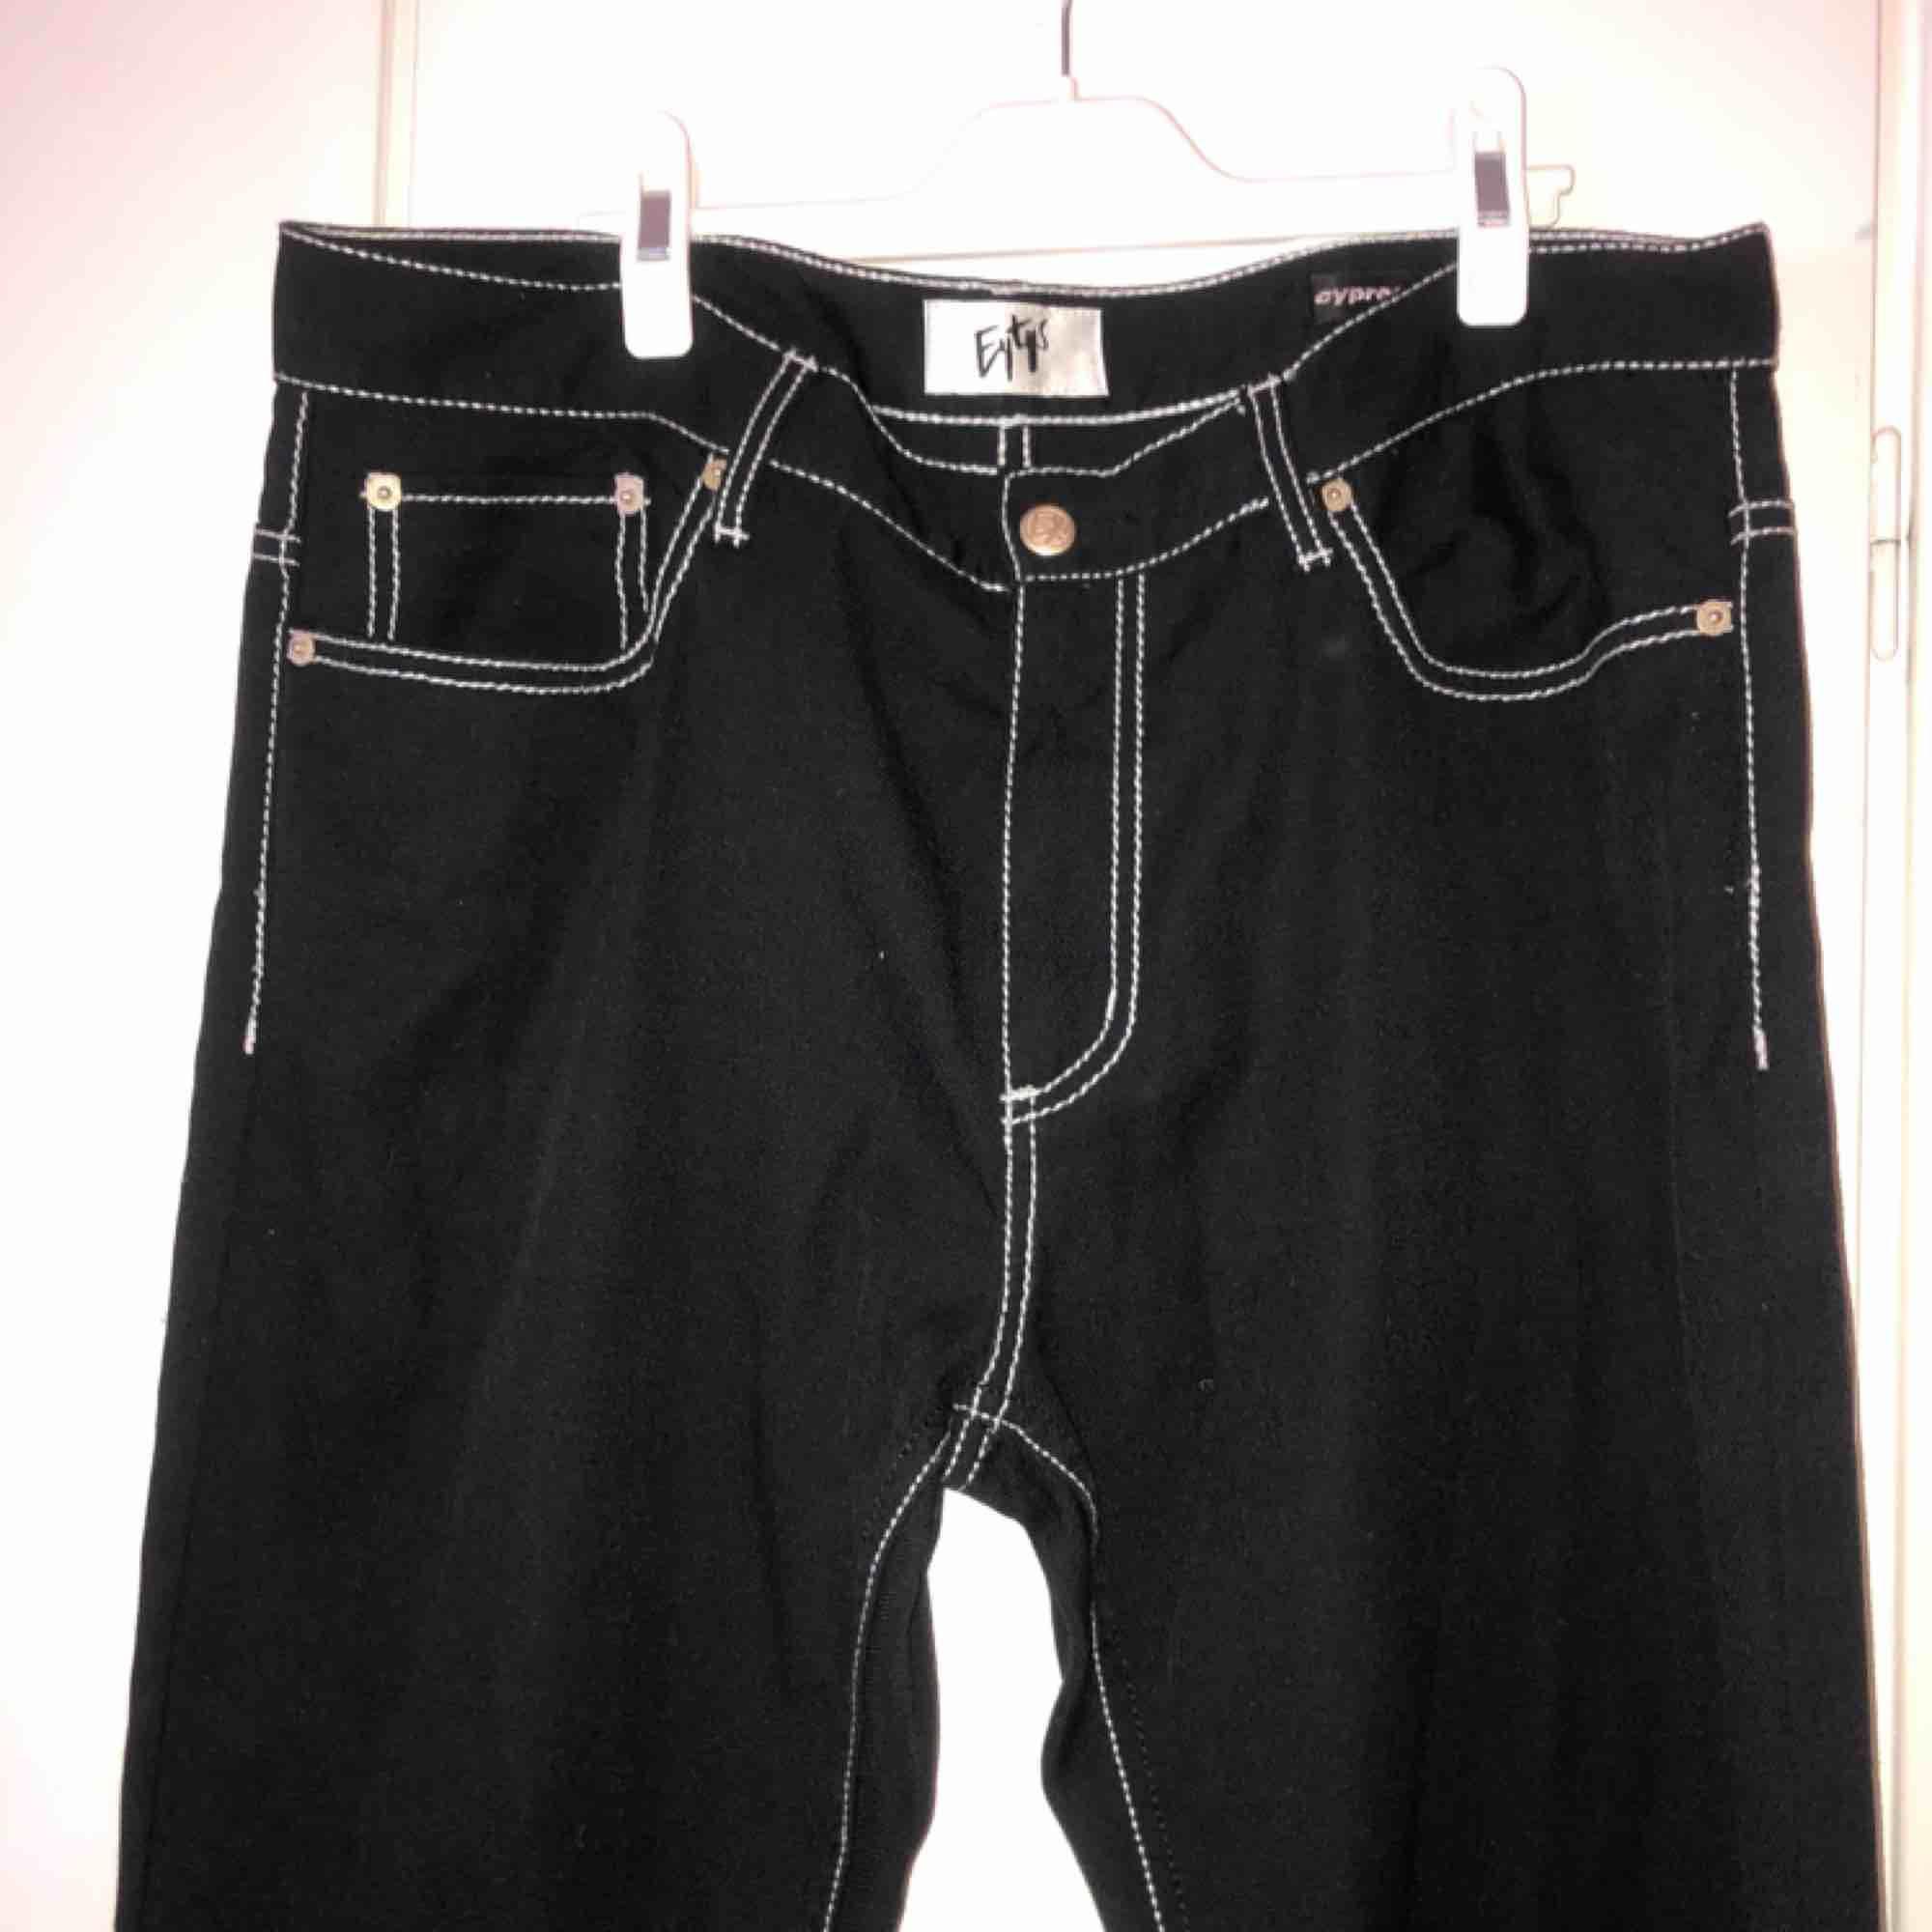 Svarta Eytys byxor i väldigt bra skick! Strl 36 i midjan och raka ben. Nypris: 2000kr. Mitt pris: 1000kr . Jeans & Byxor.